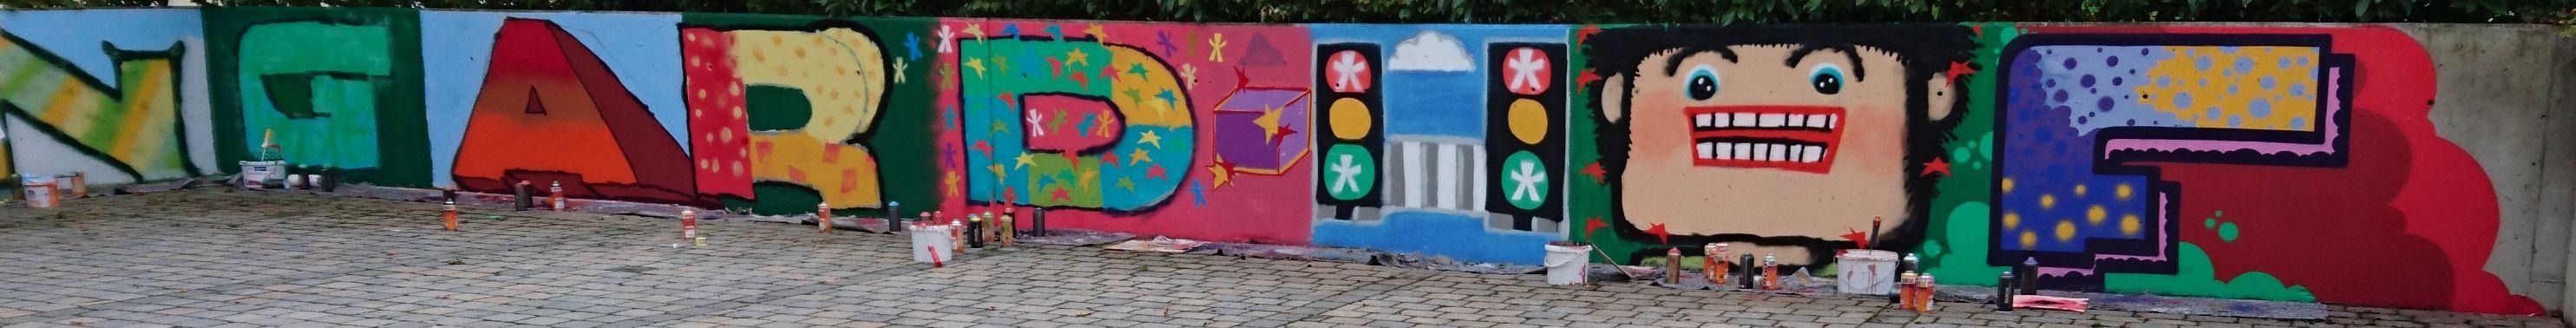 Ausschnitt Graffiti